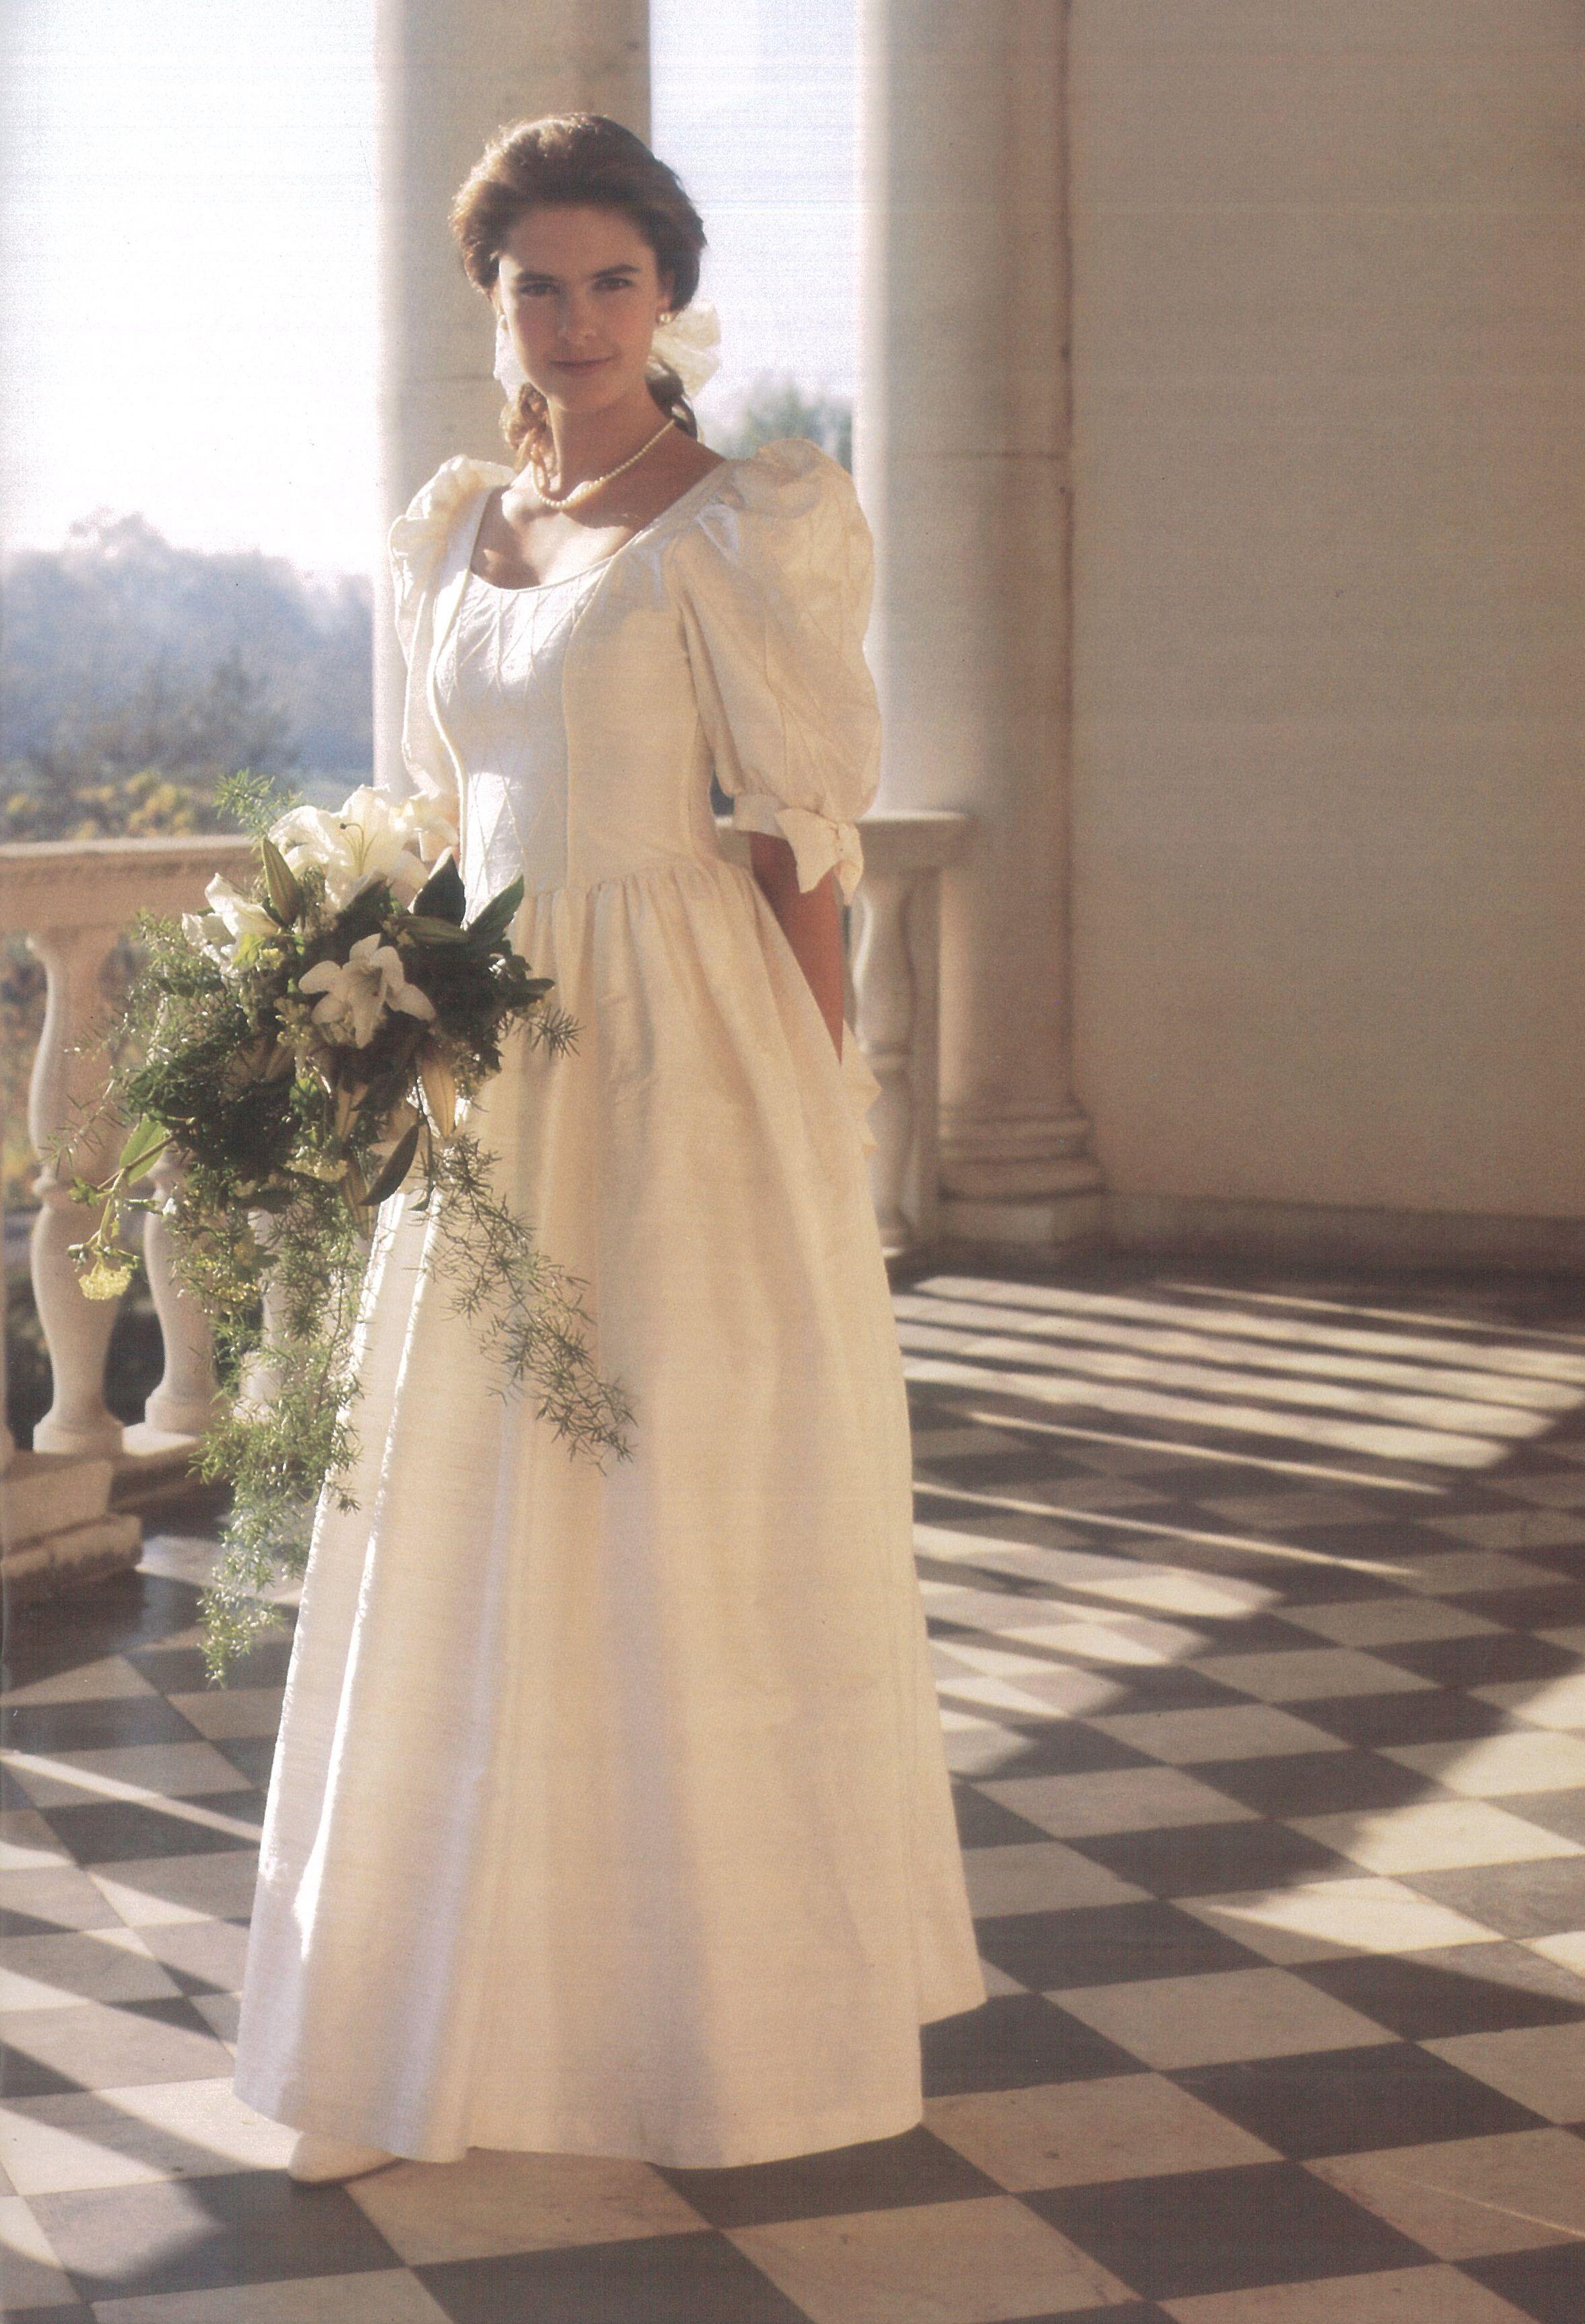 laura ashley wedding dresses Laura Ashley Weddings In The